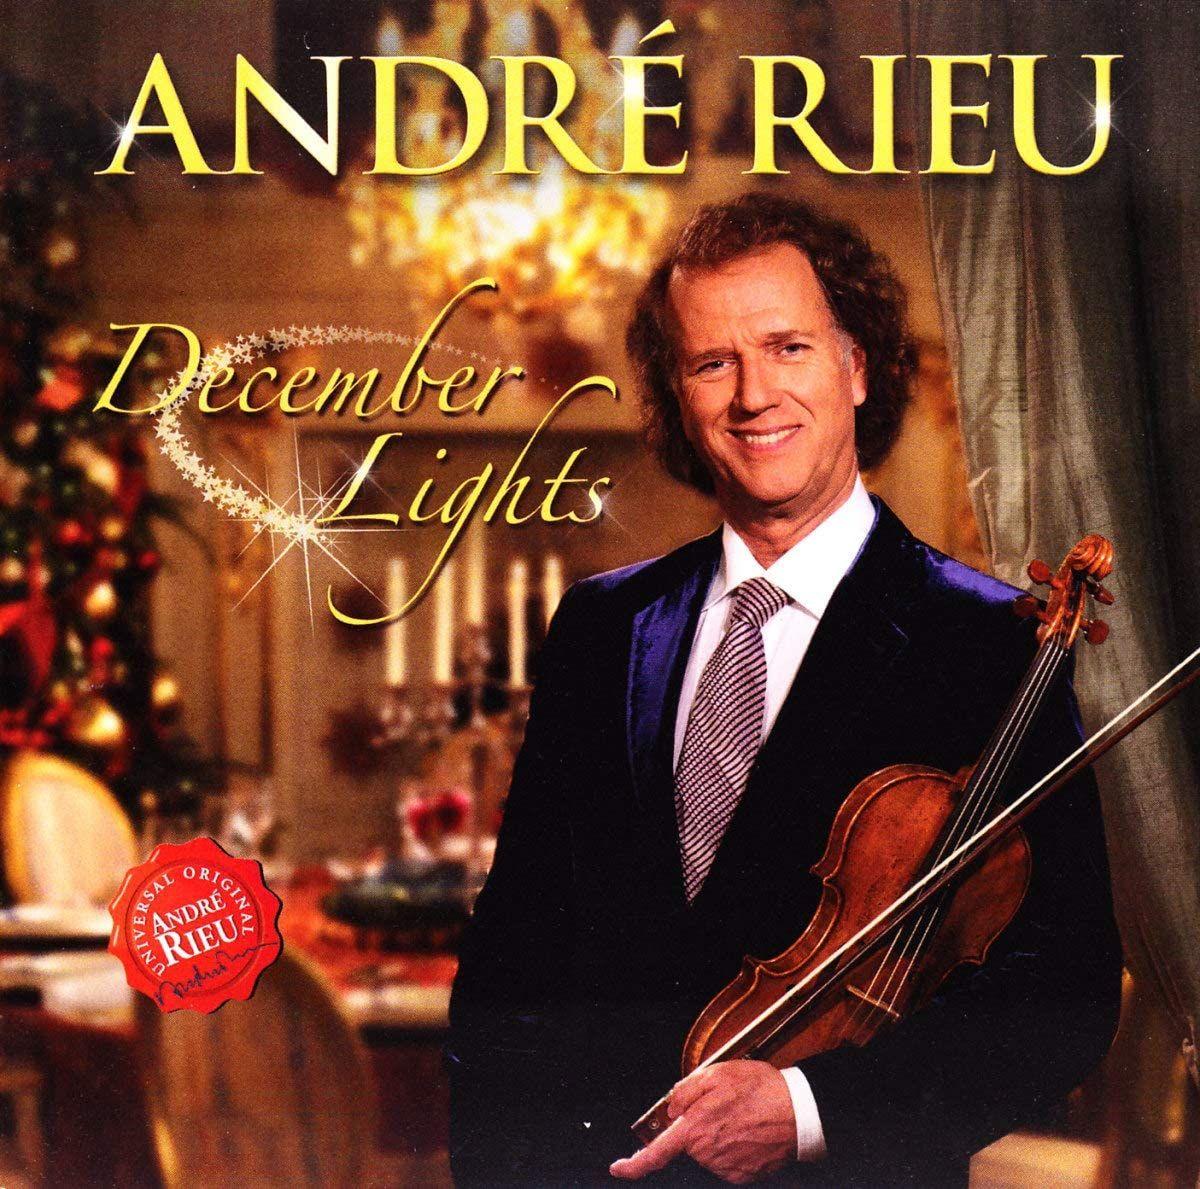 Andre Rieu - December Lights (CD) - 1